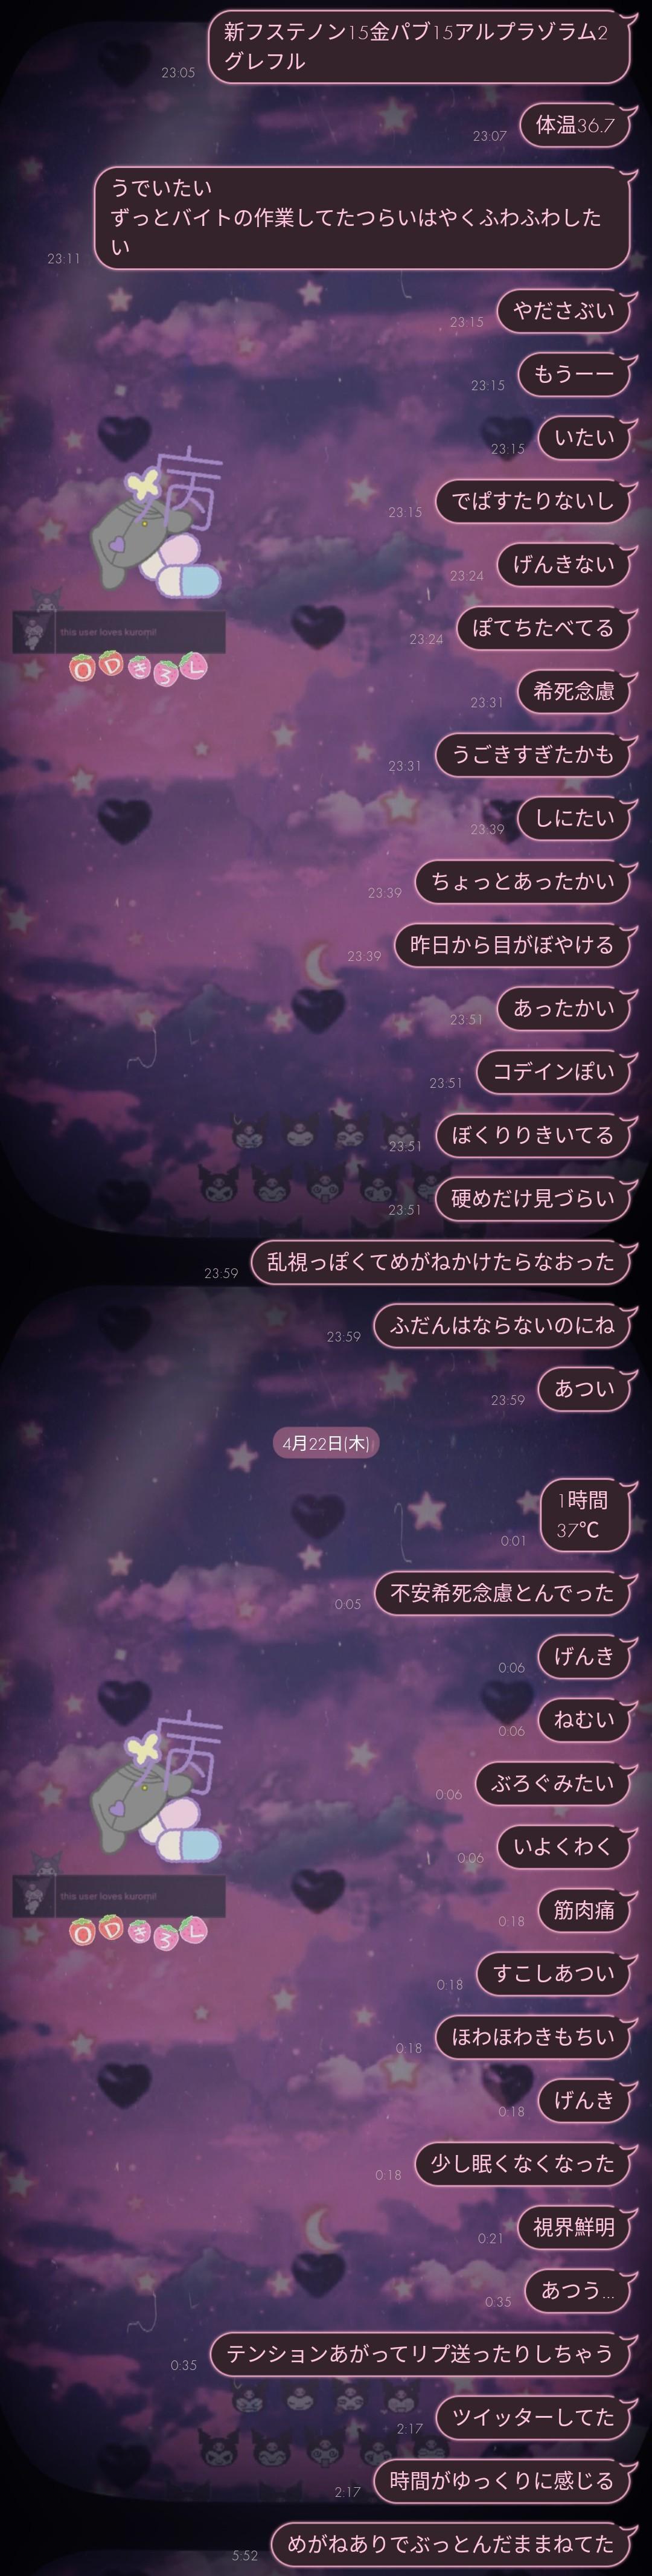 f:id:yuyua1010:20210429055643j:image